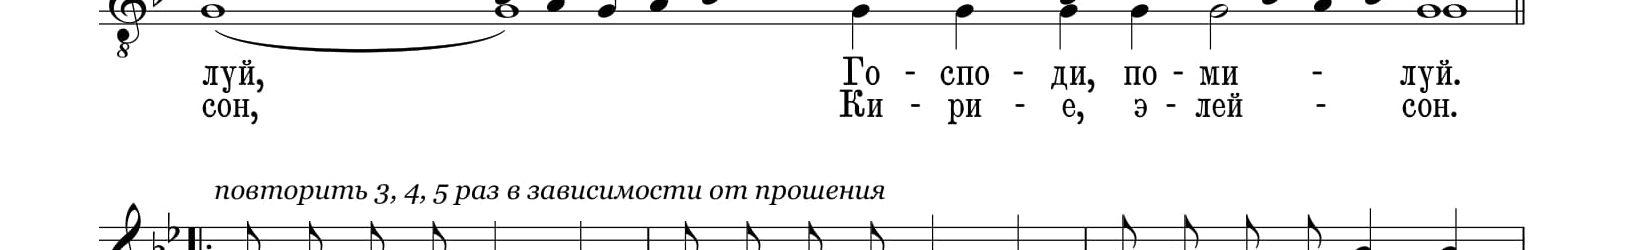 Ектения на Литии (Византия)